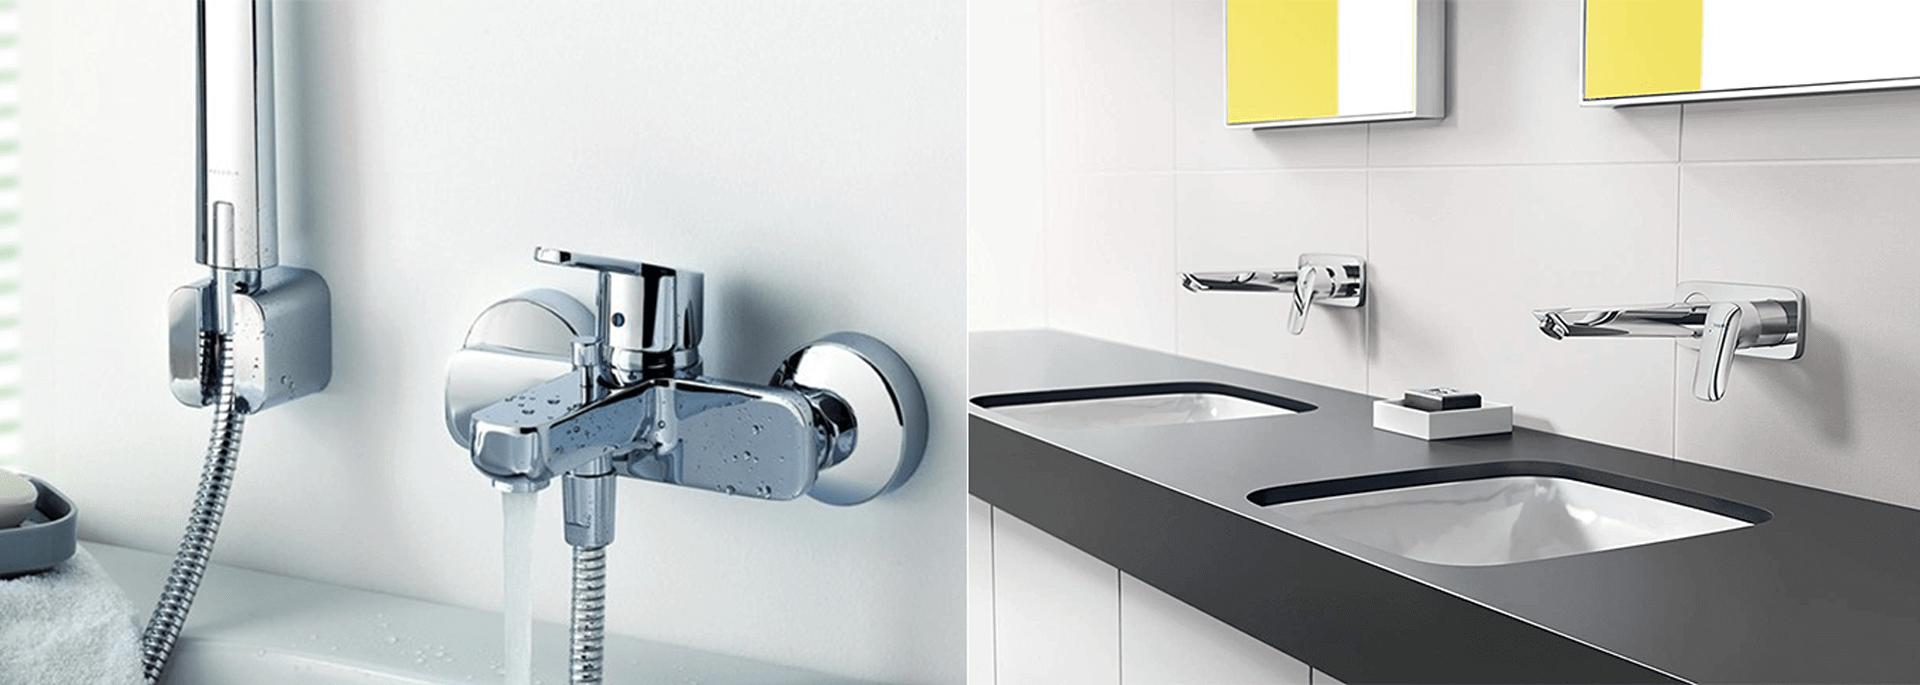 Vòi nước, vòi nước chậu lavabo